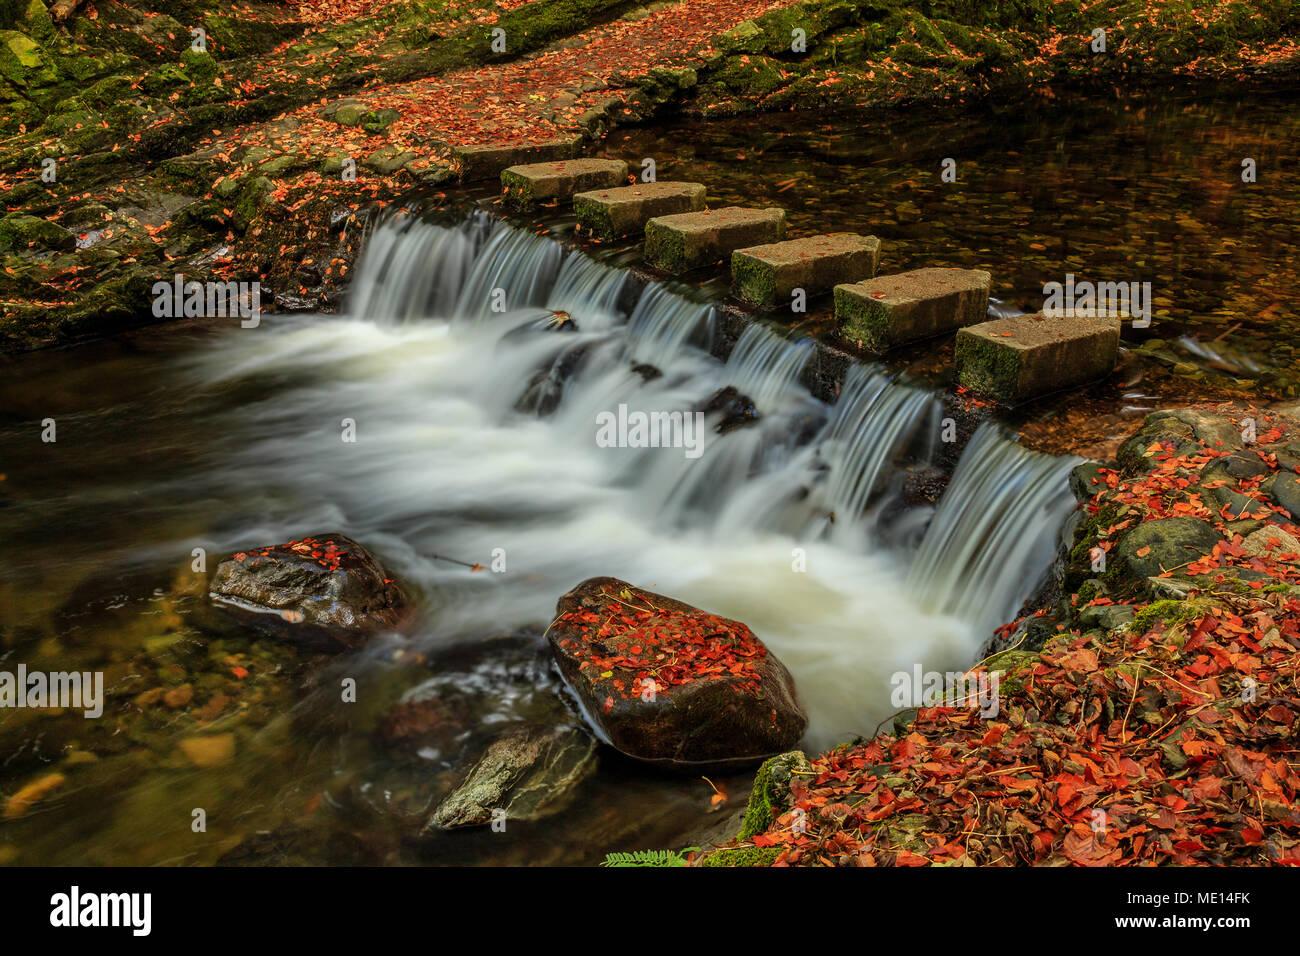 La conocida Stepping Stones cruzando el río Shimna en Tollymore Park, Condado de Down, Irlanda, en otoño. Foto de stock